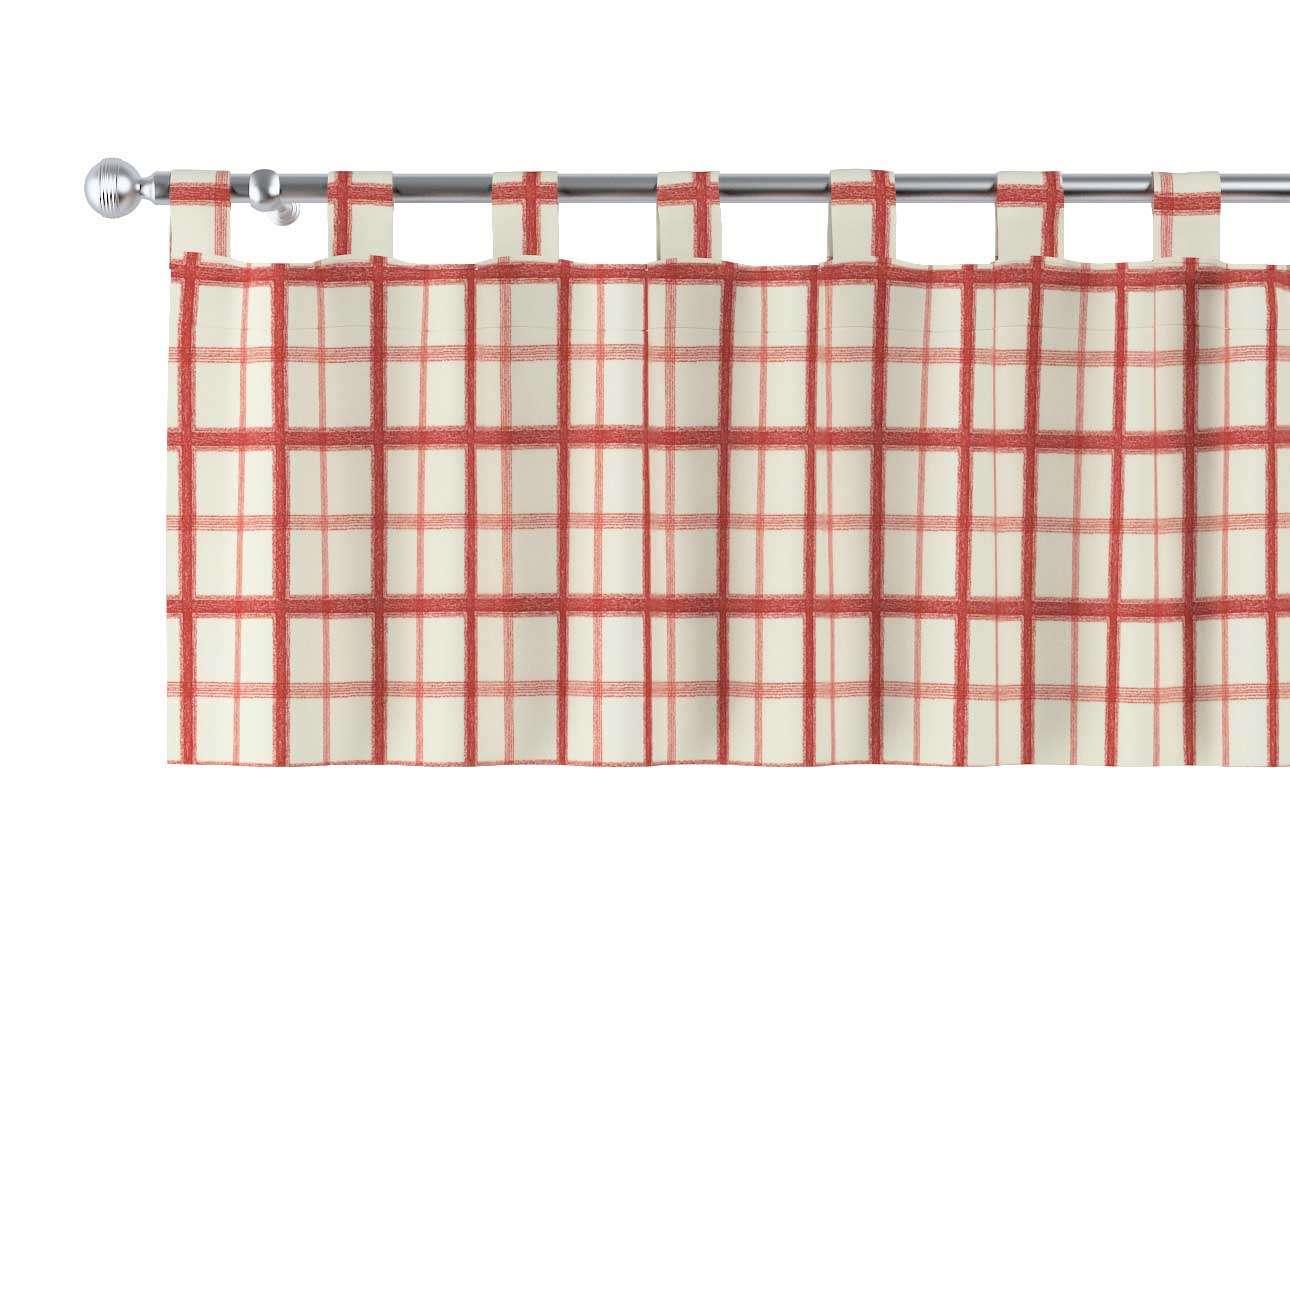 Gardinkappa med hällor i kollektionen Avinon, Tyg: 131-15